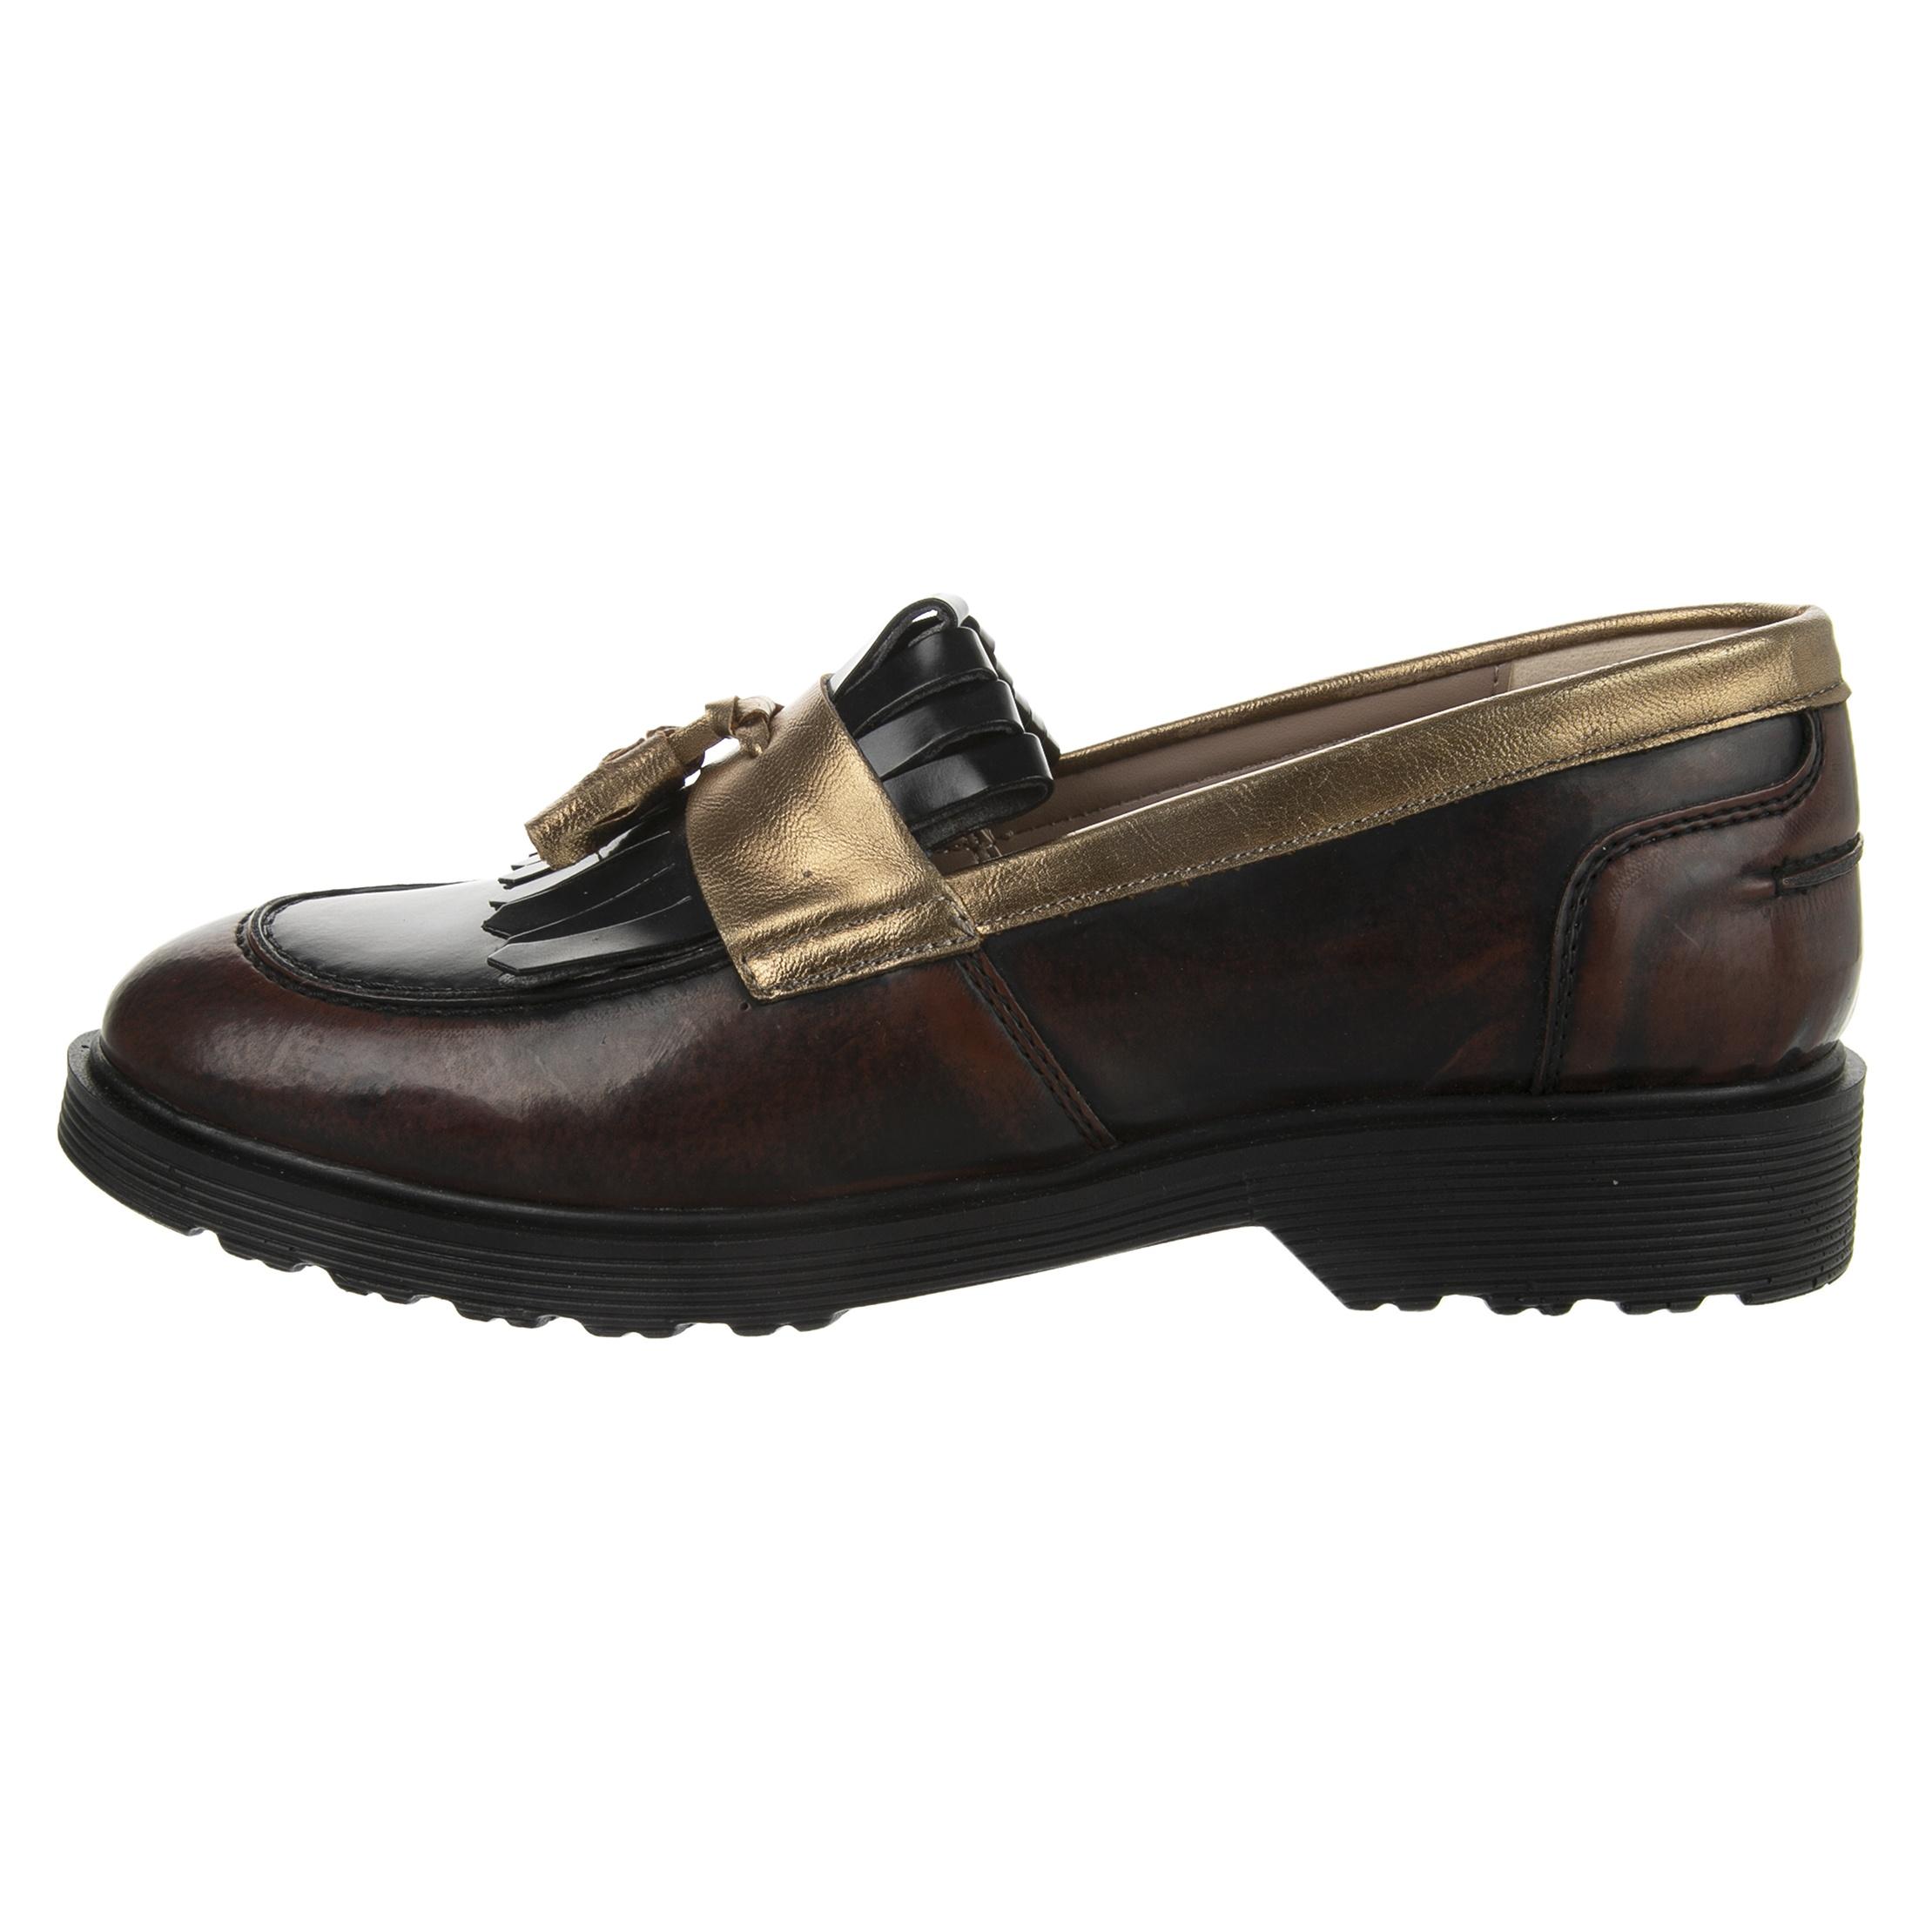 کفش زنانه بوتیگو مدل 100229509-Bu -  - 2